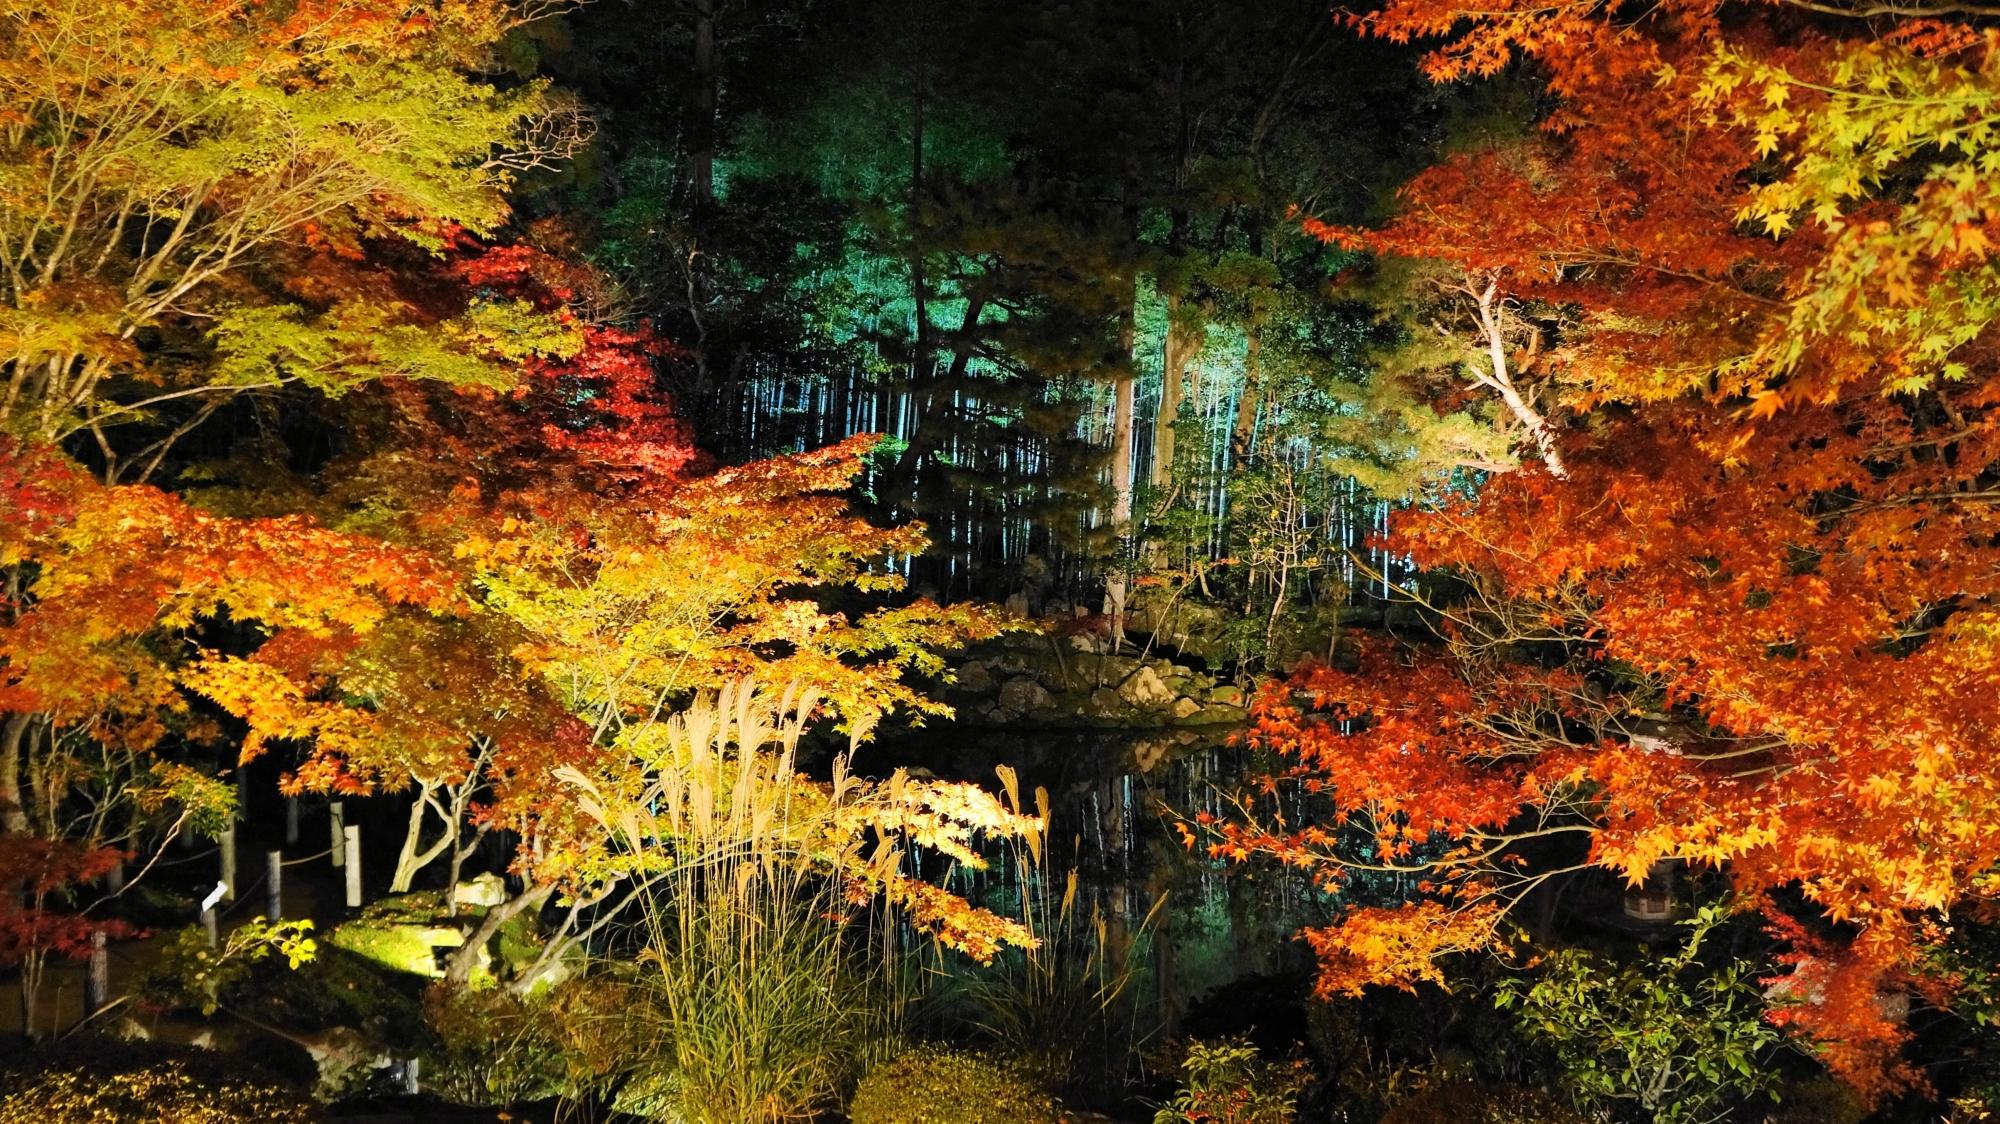 紅葉とのコントラストが綺麗な緑色にライトアップされた竹林